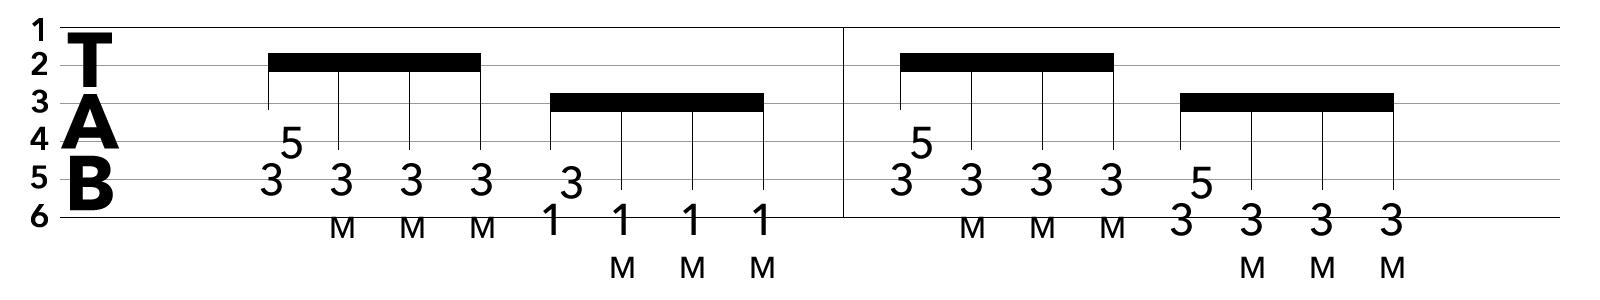 TAB譜:コードチェンジを伴うブリッジミュートの課題練習フレーズ1